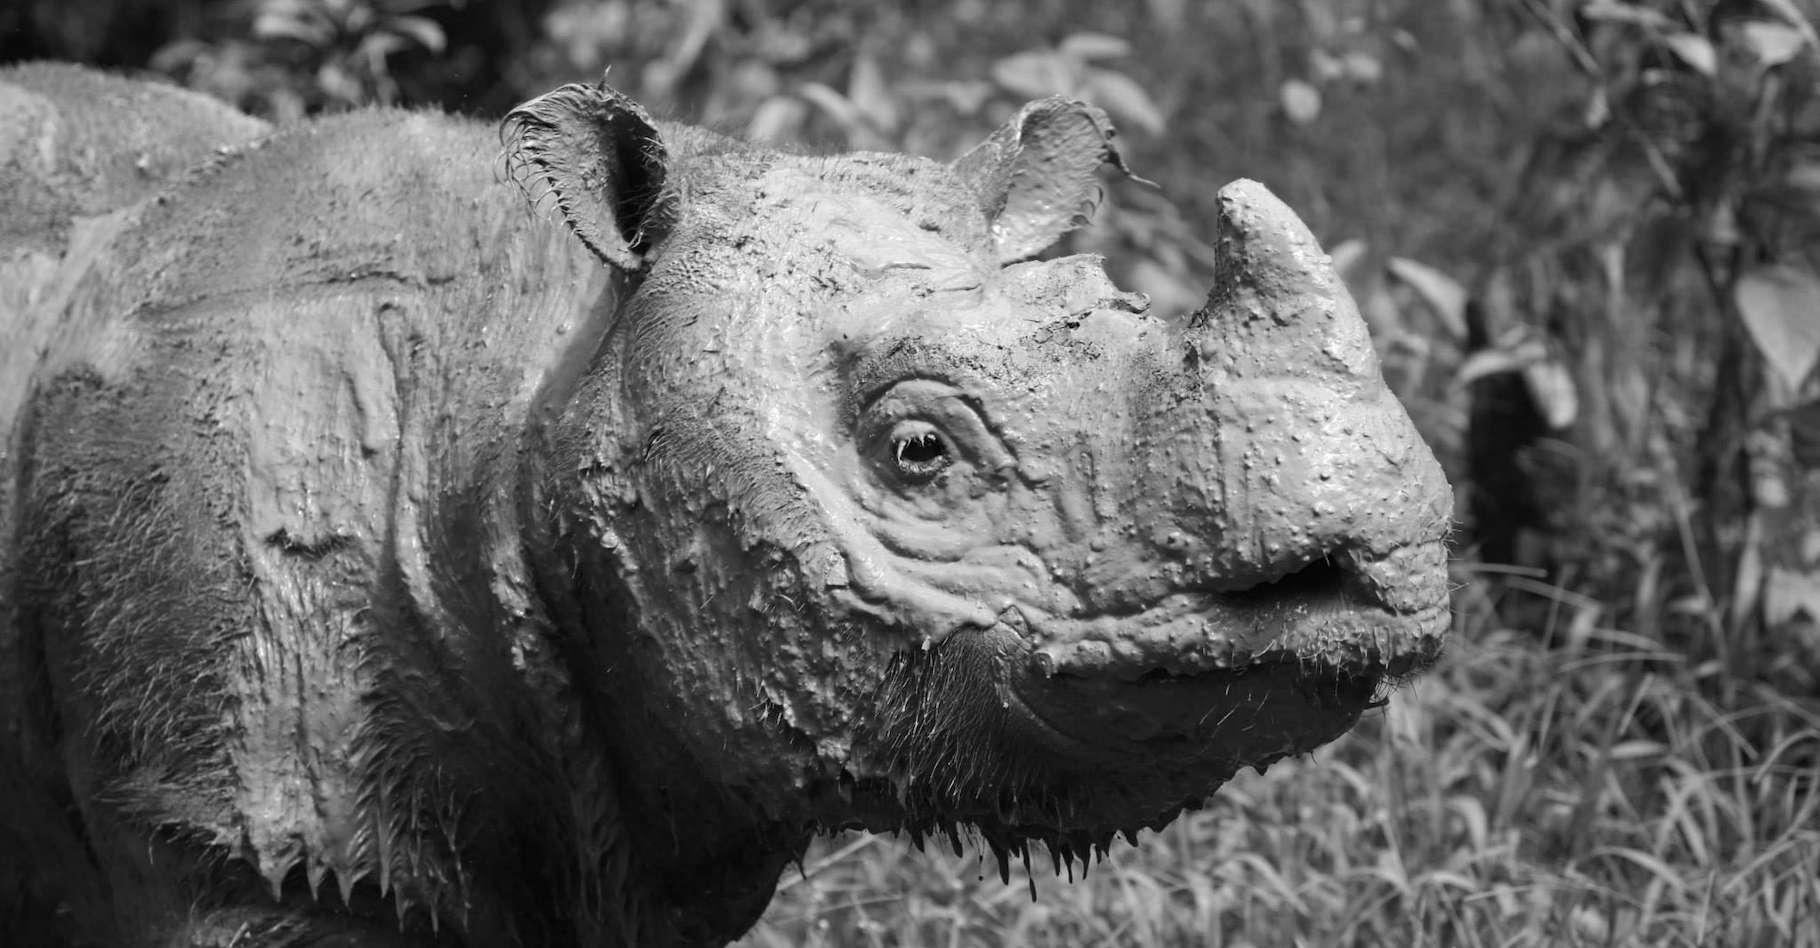 Tam était un rhinocéros de Sumatra. Le rhinocéros de Sumatra est le plus petit des rhinocéros. Son poids moyen est tout de même de 700 à 800 kilogrammes. © Borneo Rhino Alliance, Facebook